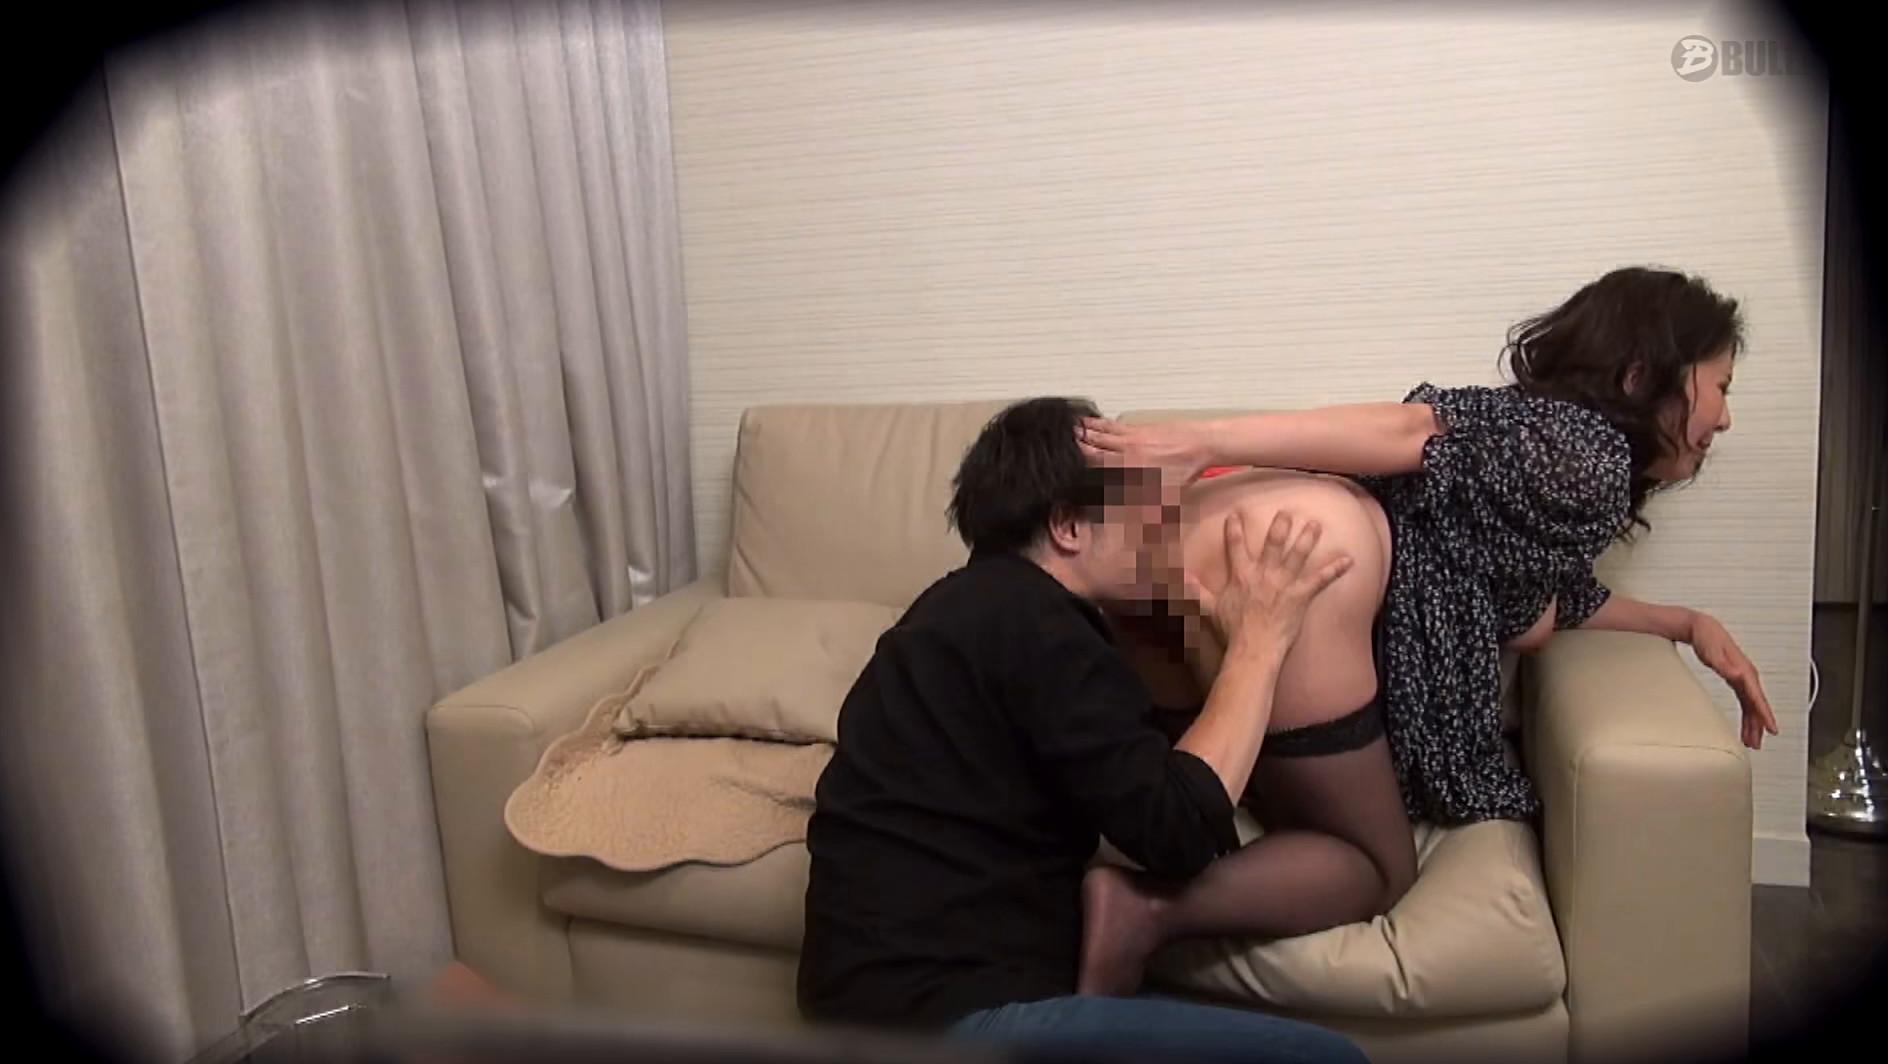 ラブホ盗撮 旦那以外の男のカラダを本気で求める人妻 7 画像19